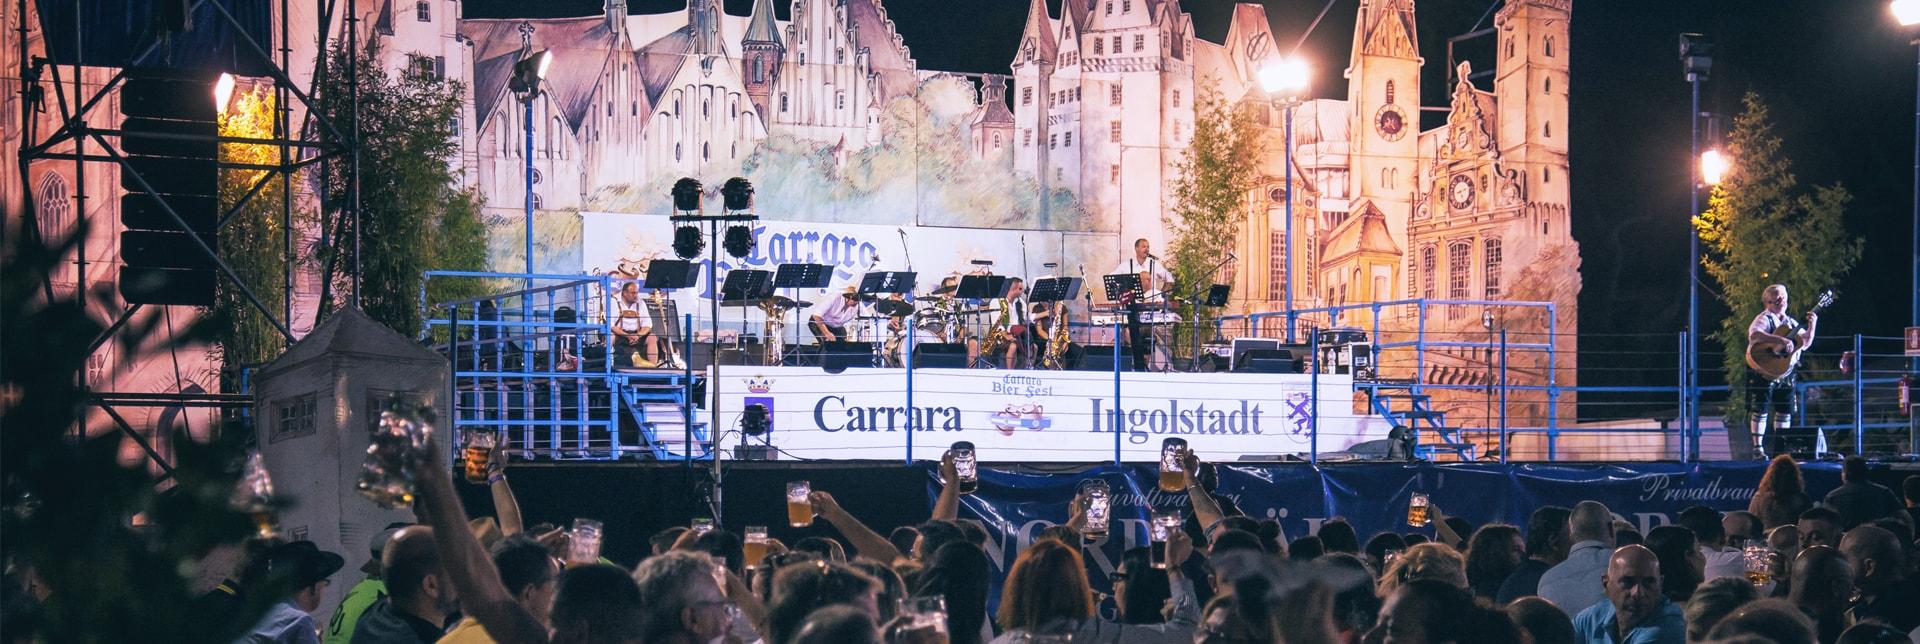 Carrara Bier Fest 2018